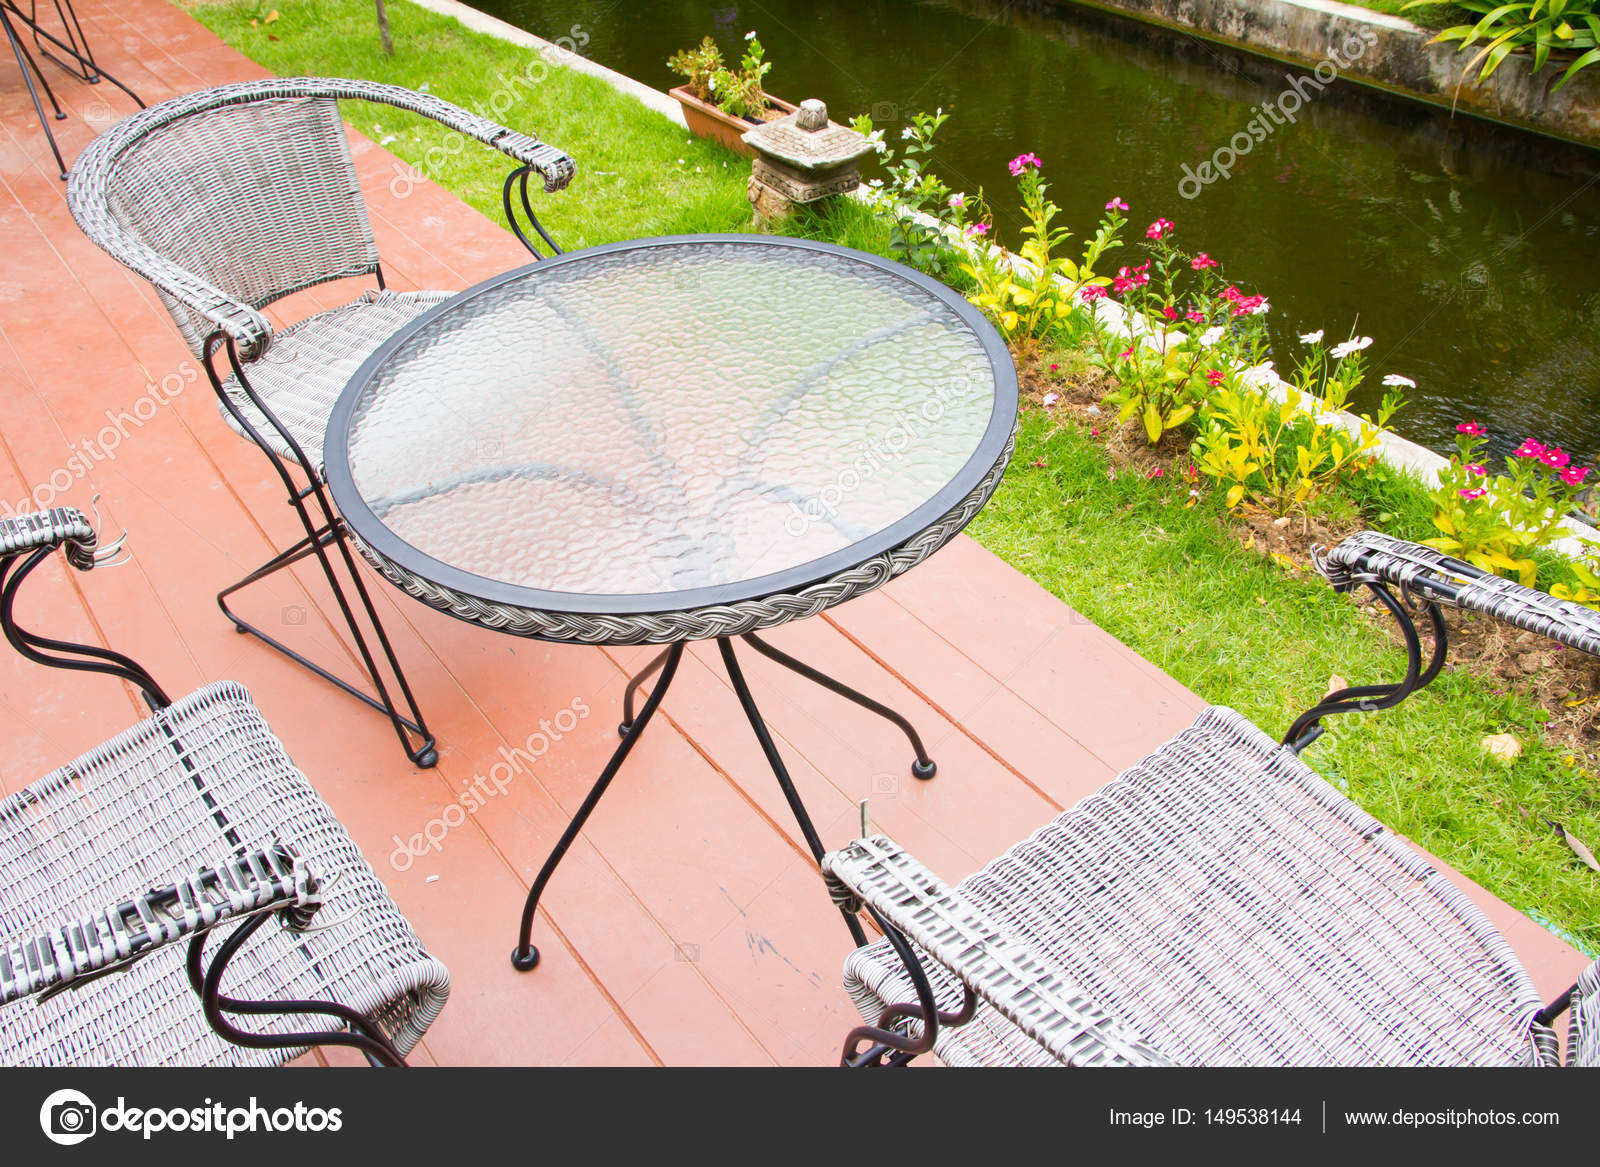 Eetstoel Met Tafel.Stoel Met Tafel In De Tuin Stockfoto C Torsak 149538144